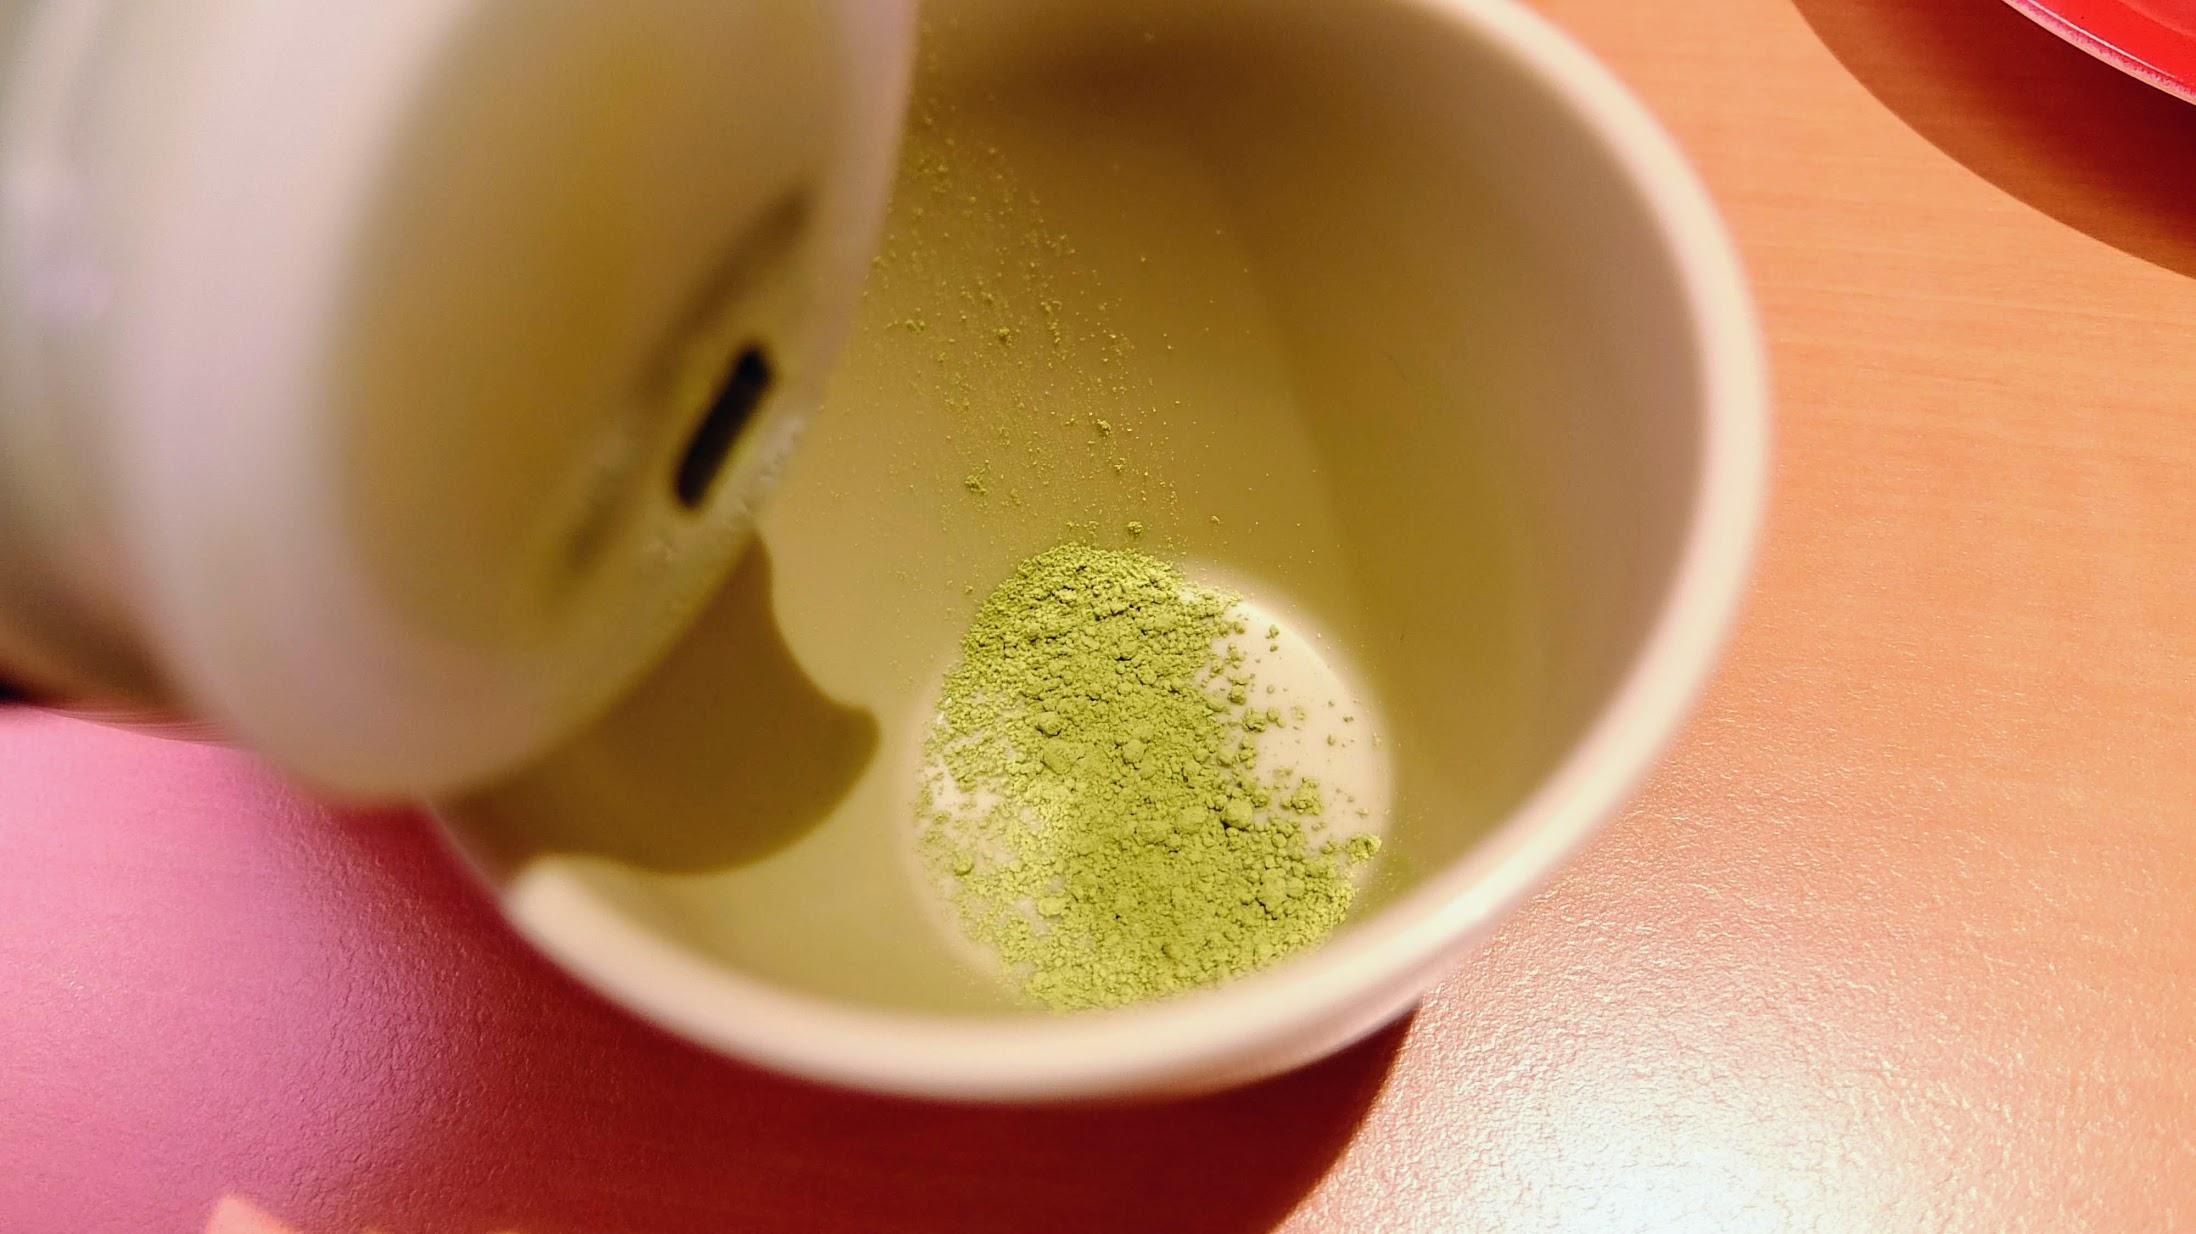 熱茶是抹茶粉